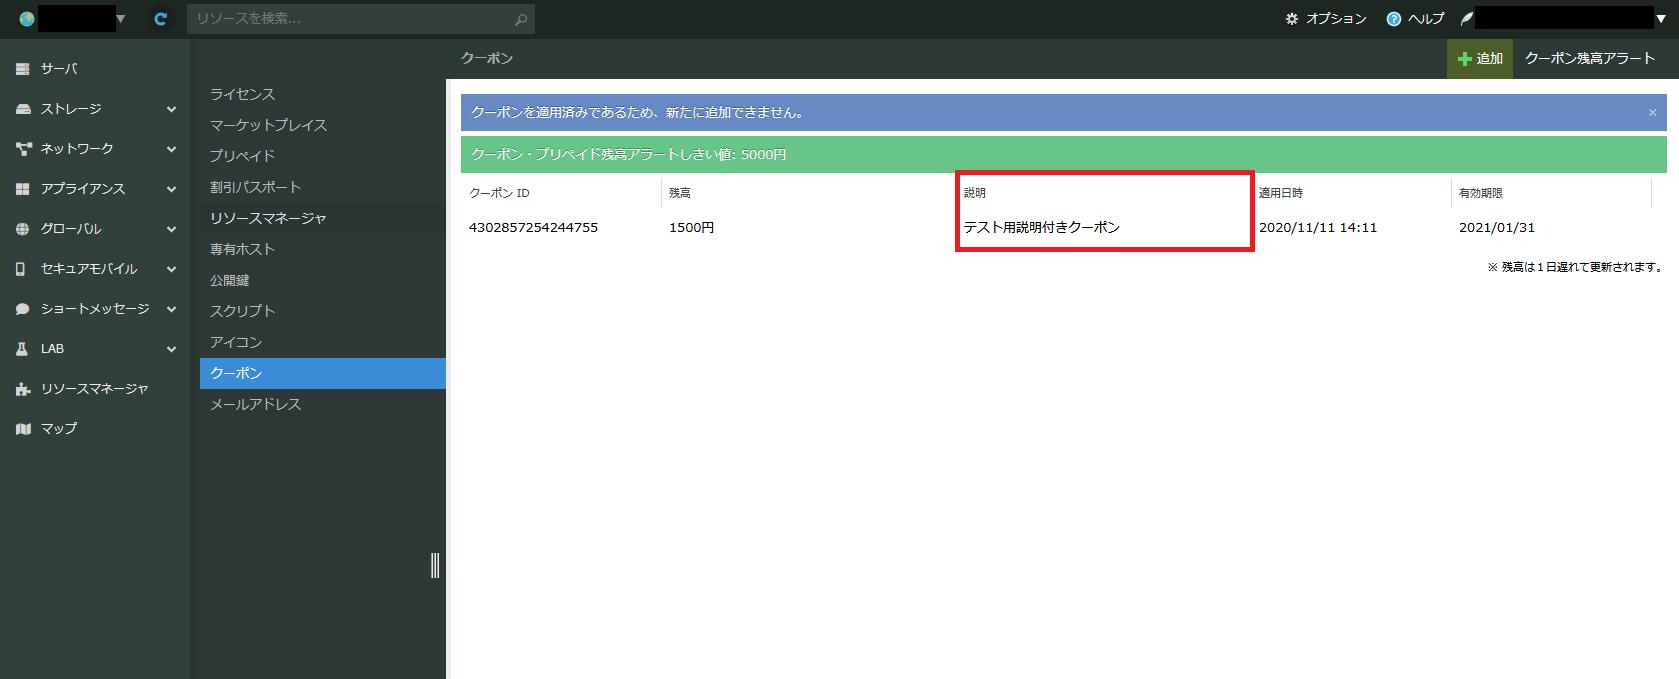 コントロールパネルに表示されるクーポン情報に項目を追加しました。